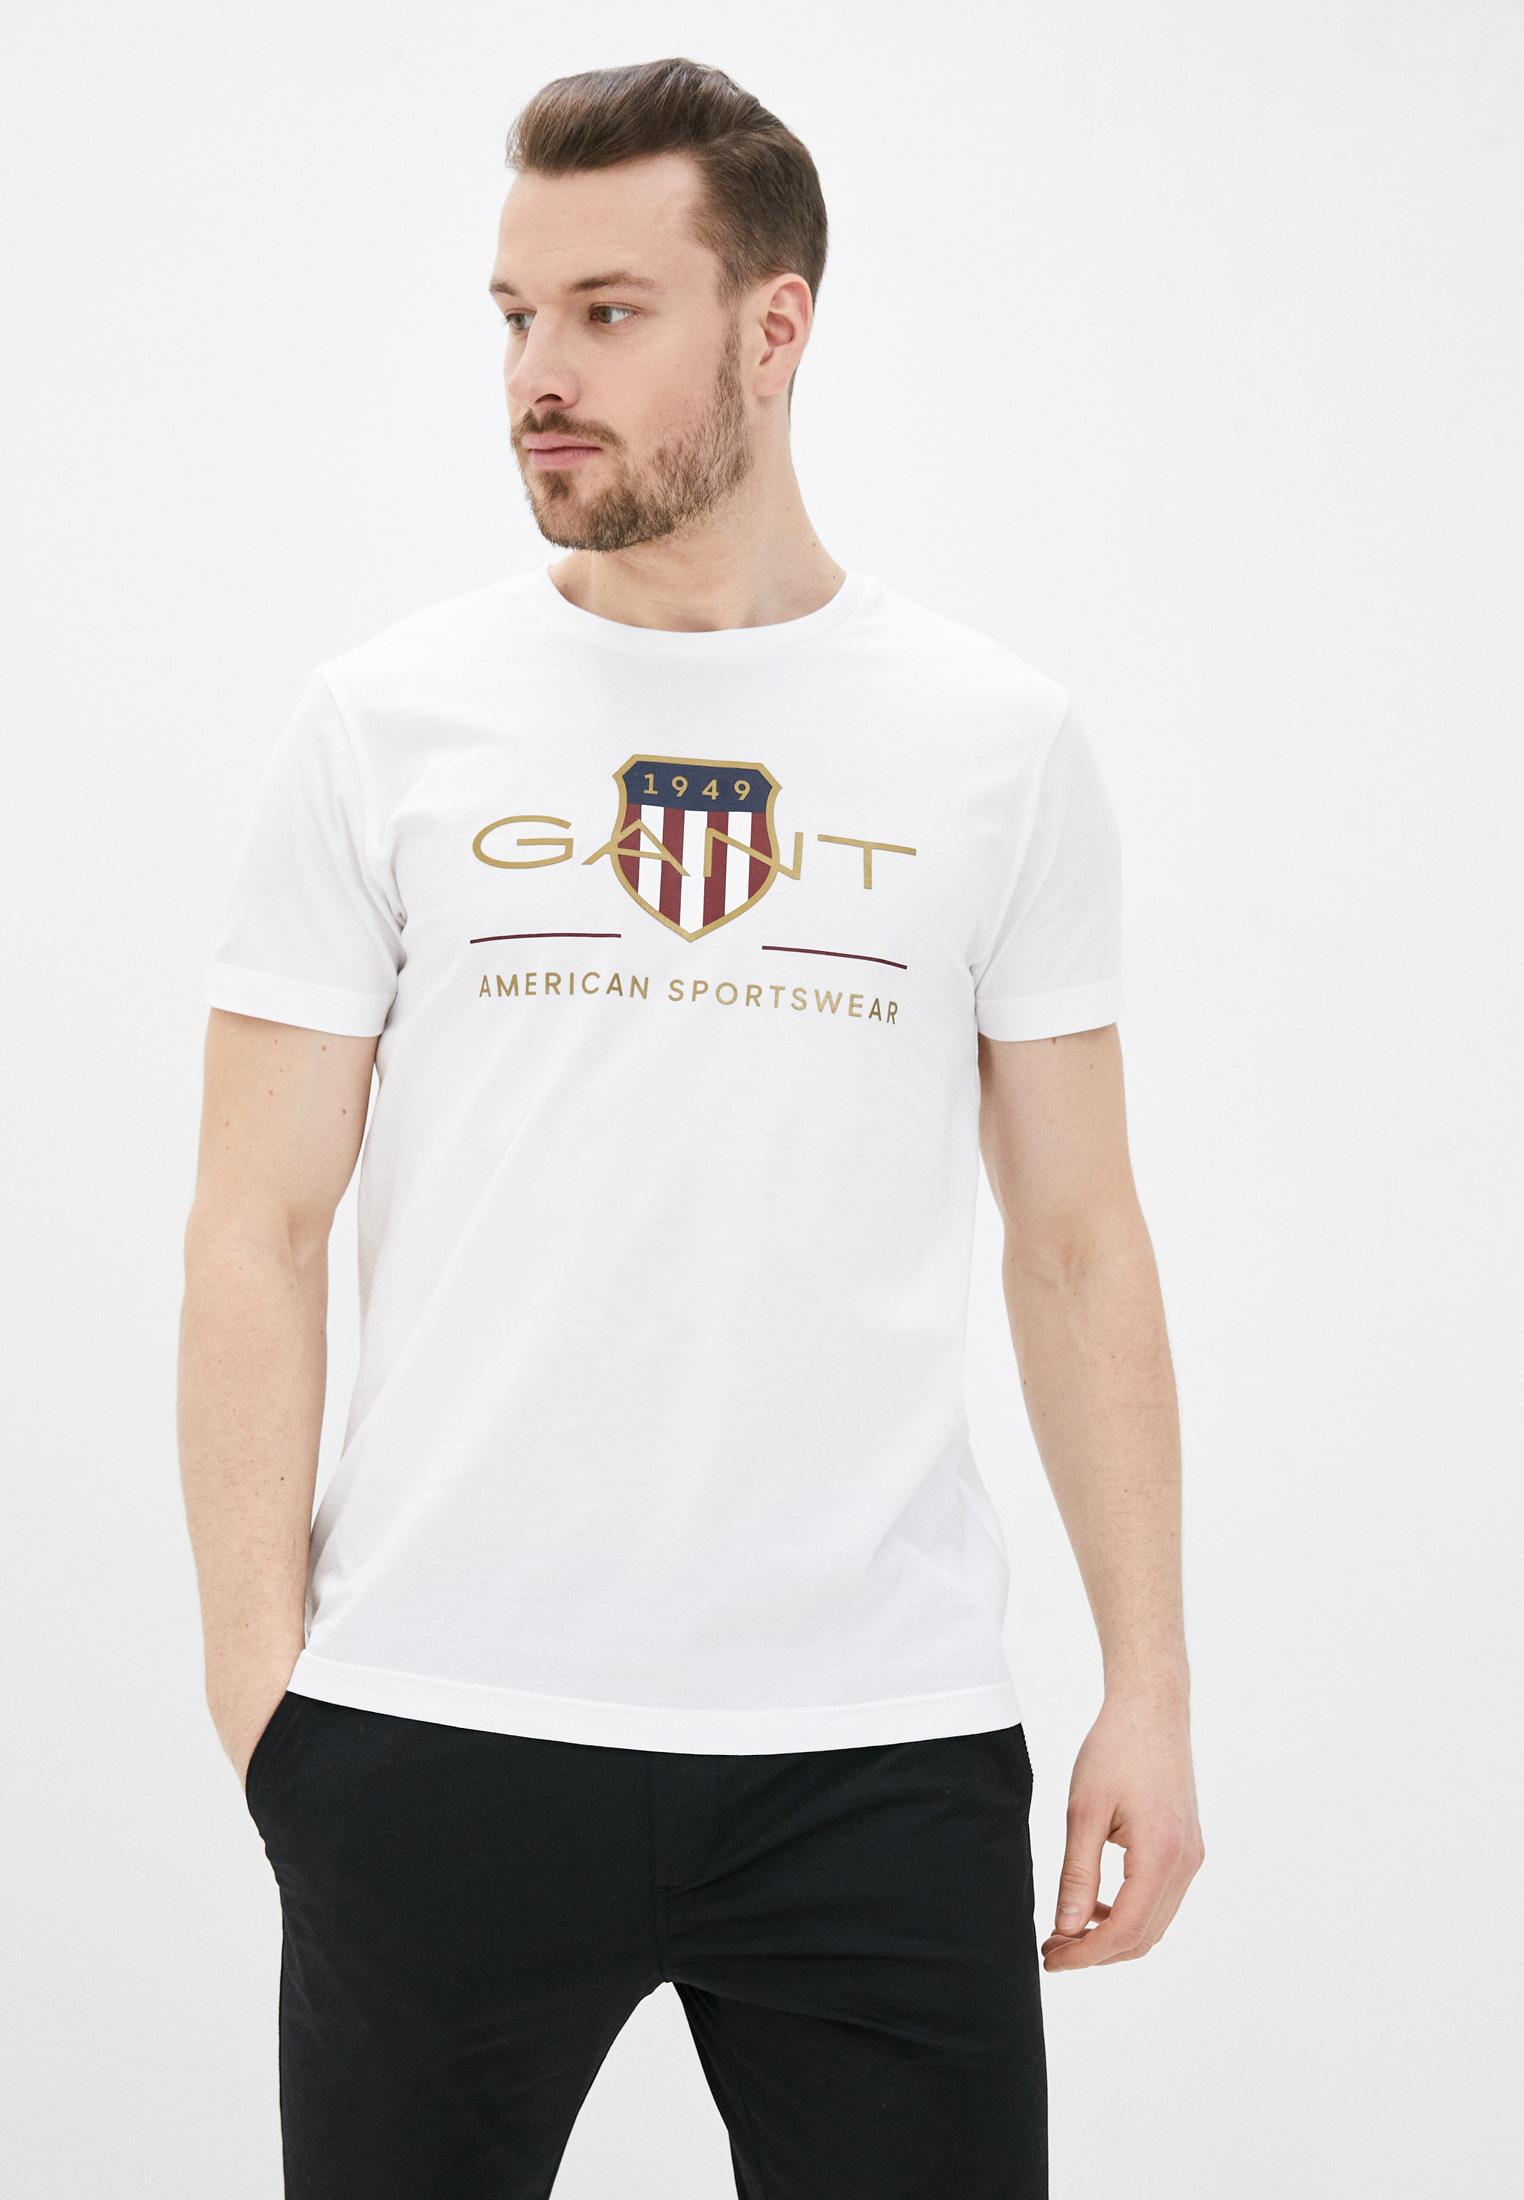 Футболка с коротким рукавом Gant (Гант) Футболка Gant